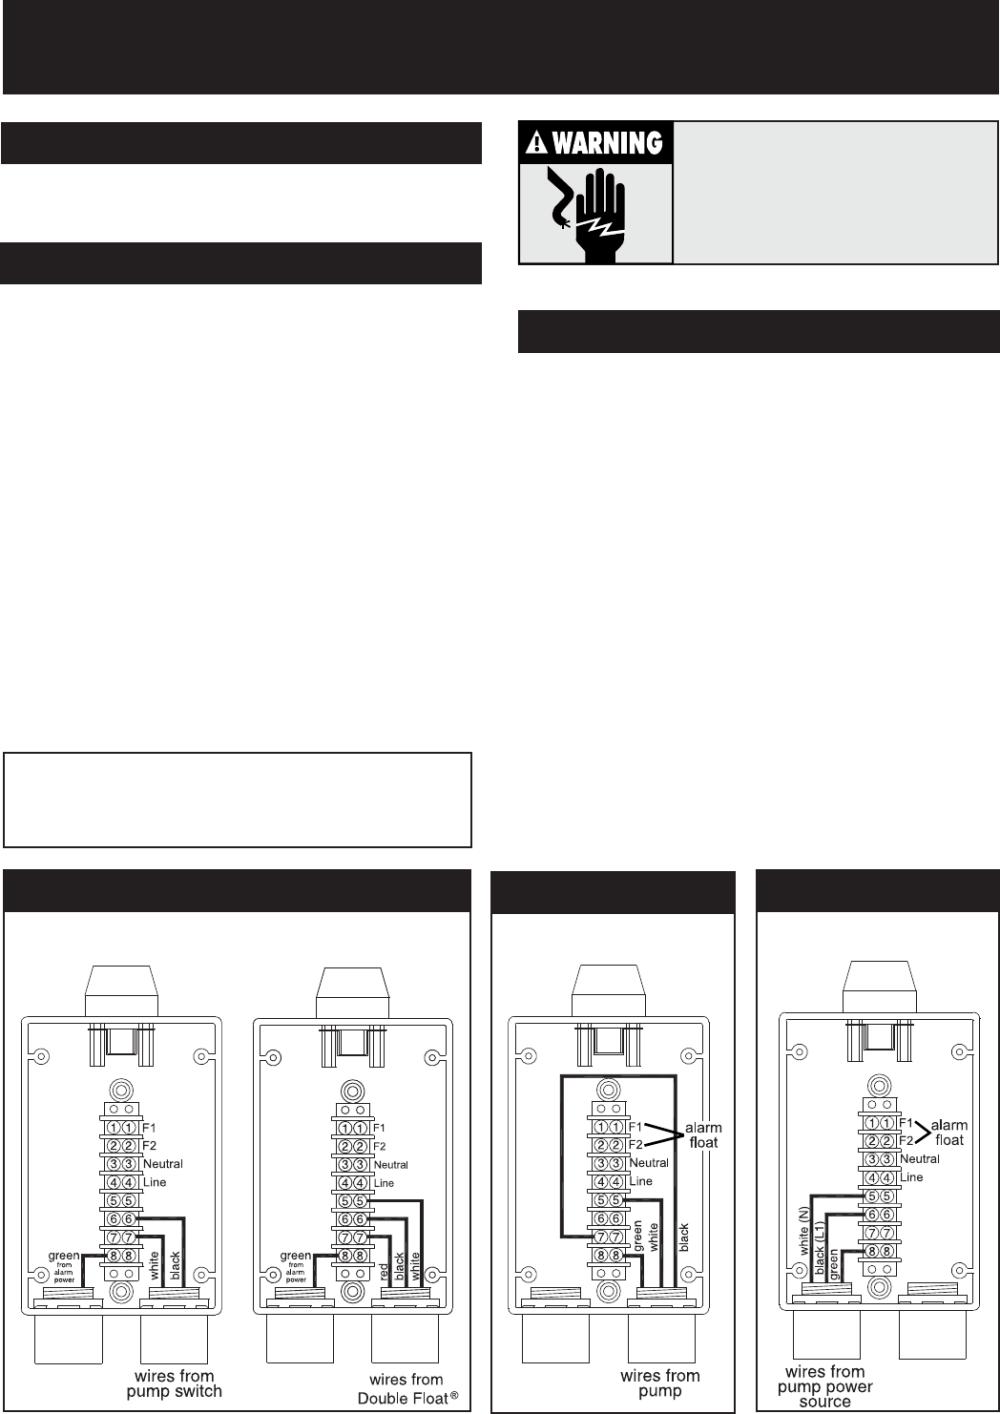 medium resolution of tank alert wiring diagram wiring diagram show tank alert wiring diagram